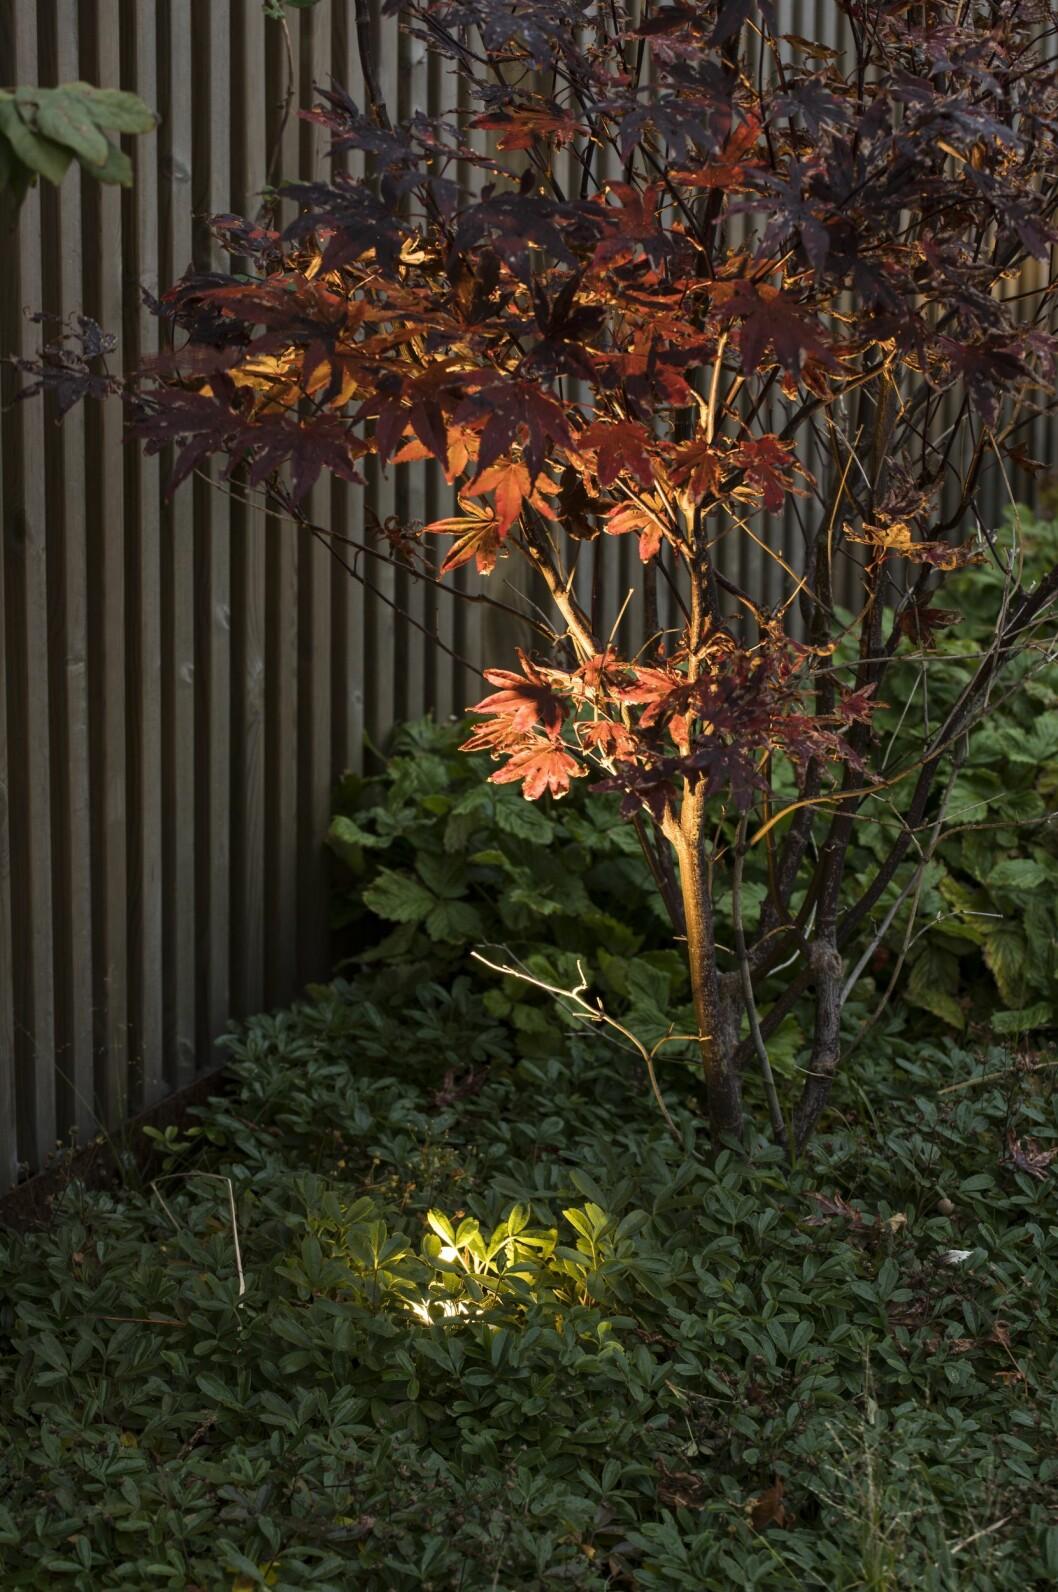 Allt efter årstid och hur trädgården förändras, flyttar och riktar Per om armaturerna så ljuset faller på bästa sätt.